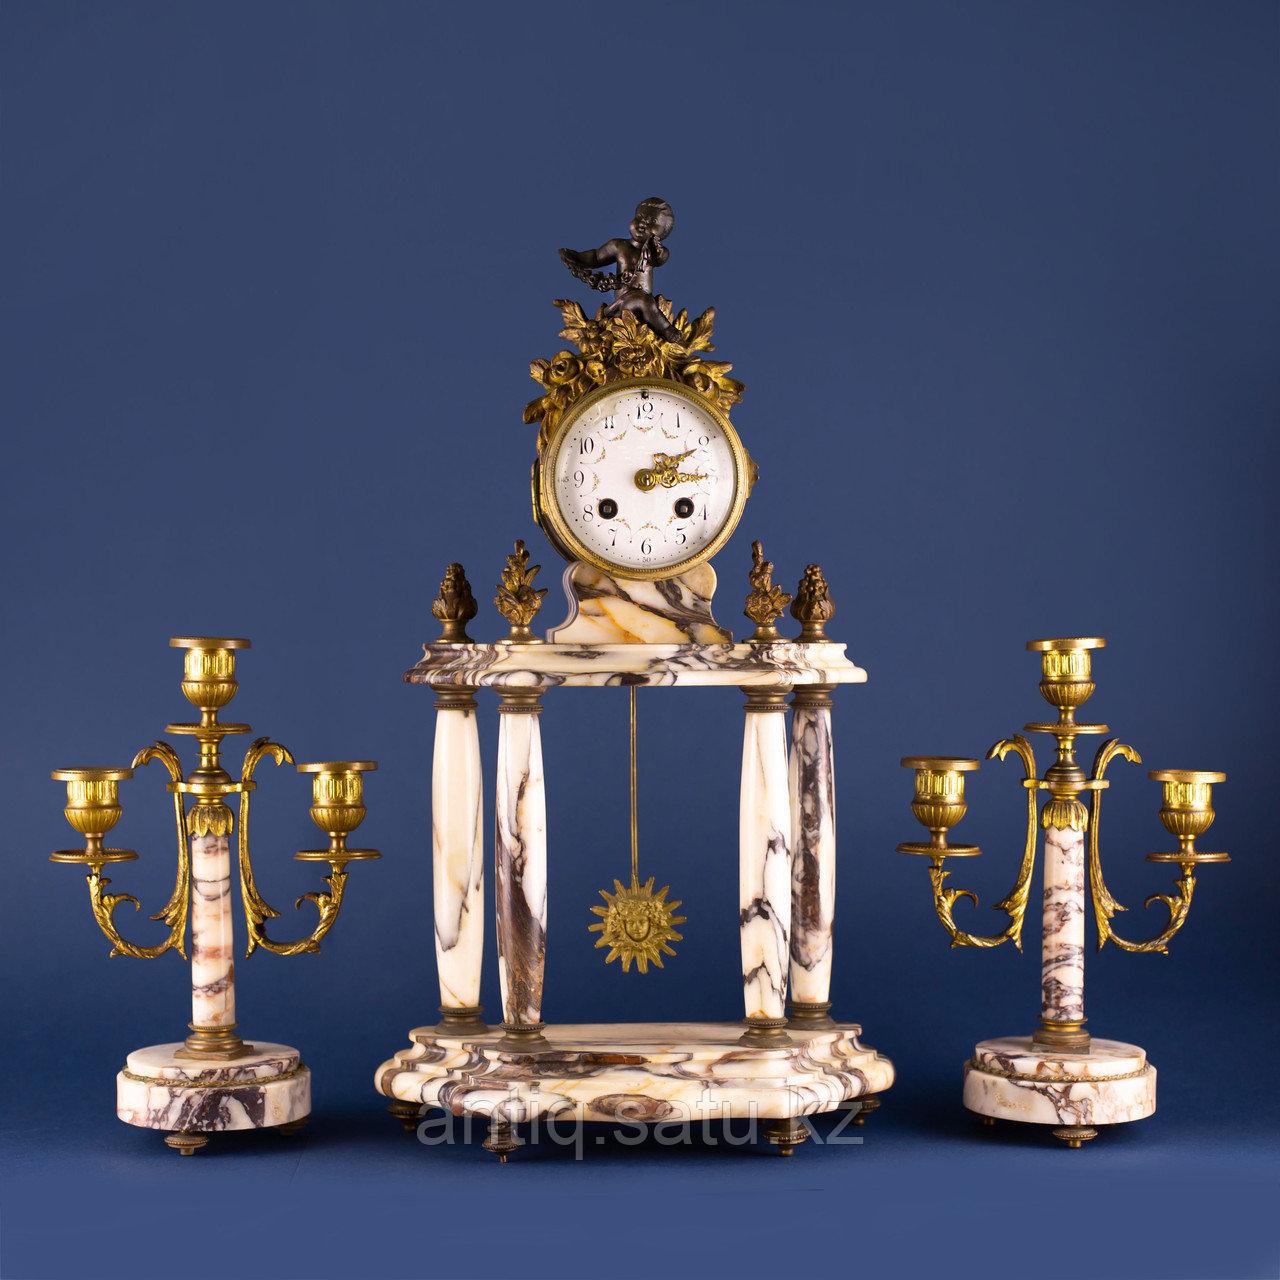 Кабинетный часовой гарнитур в стиле Людовика XVI Франция. II половина XIX века - фото 1